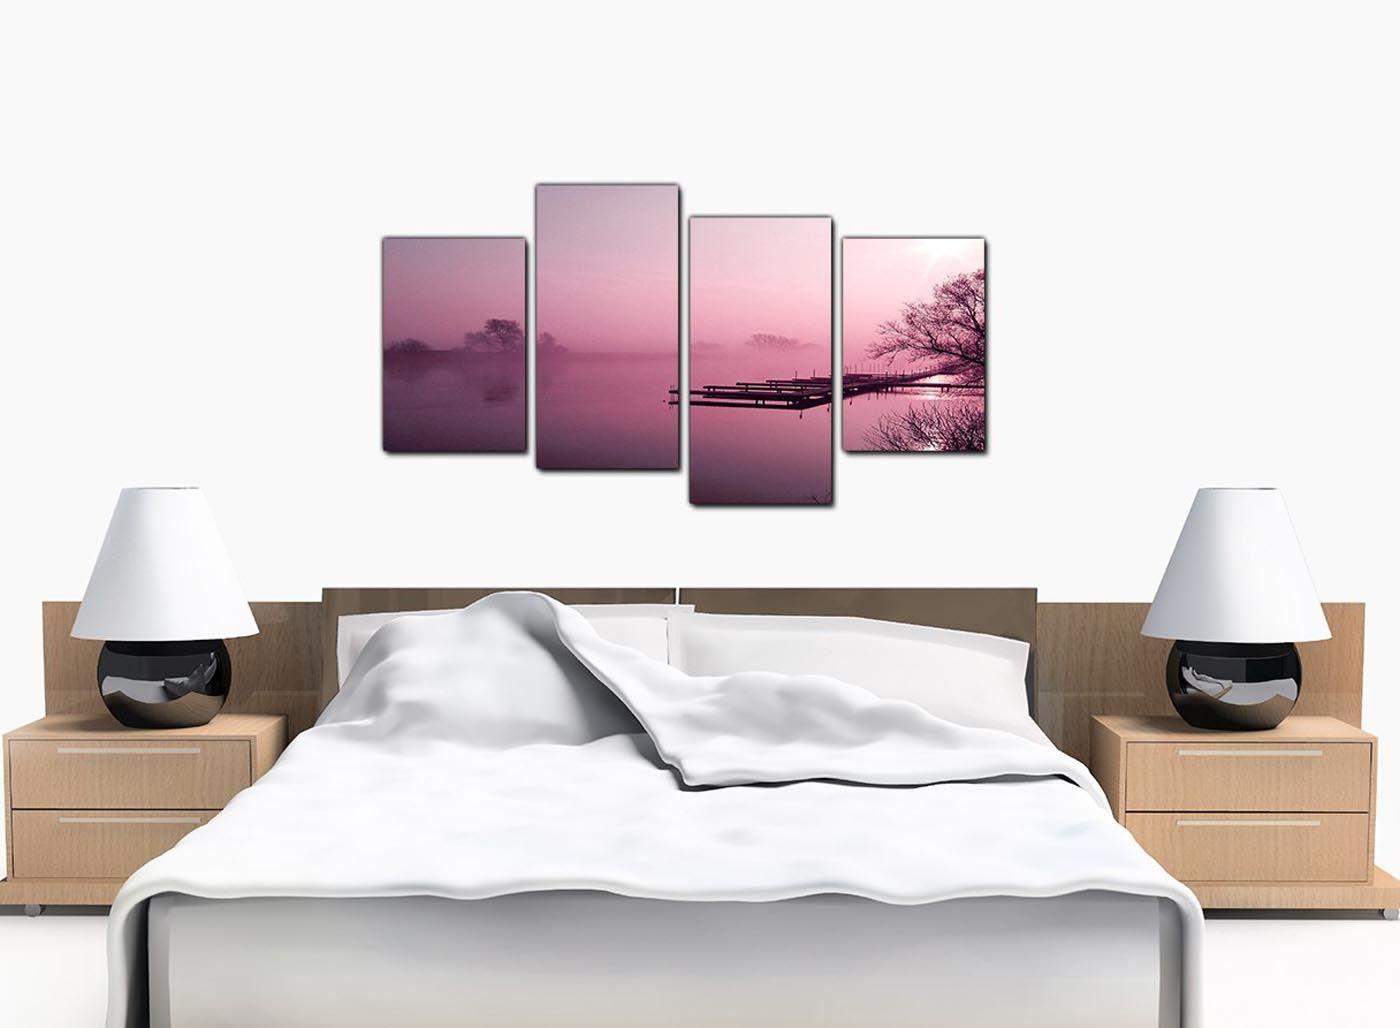 Grand paysage prune salle de séjour mur de toile art prints photos 4120